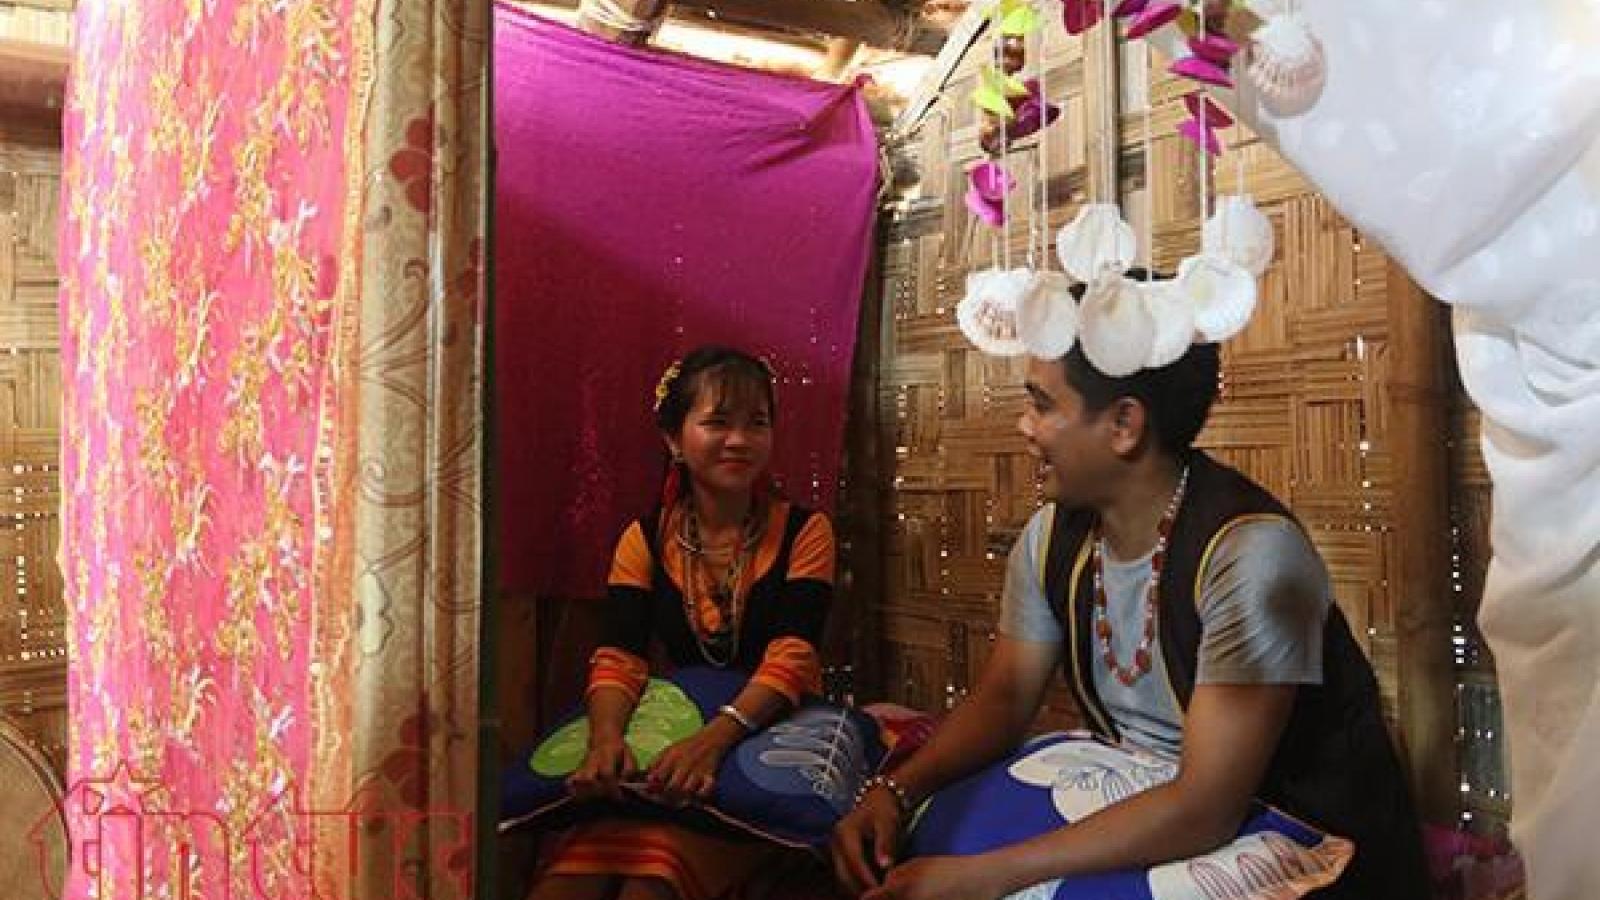 Unique marriage custom of the Raglai